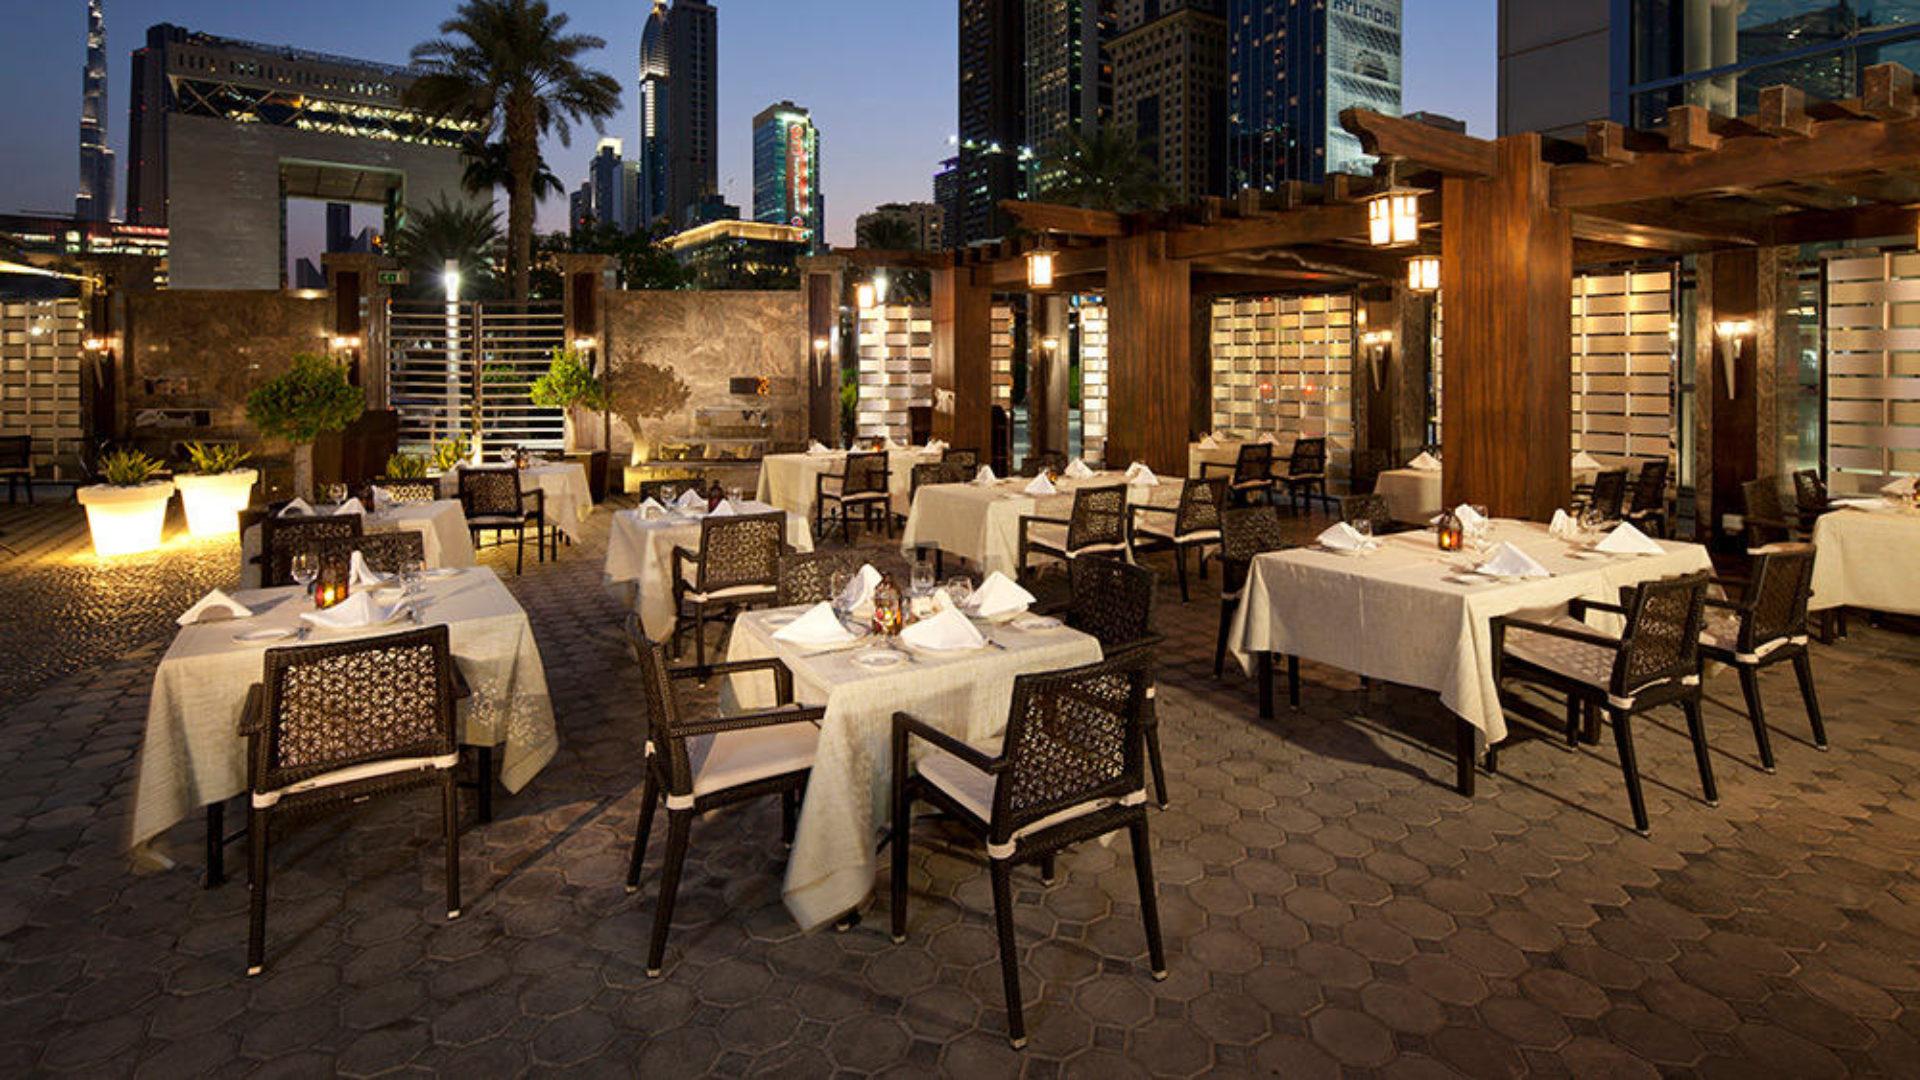 Outdoor dining at Al Nafoorah at Jumeirah Emirates Towers